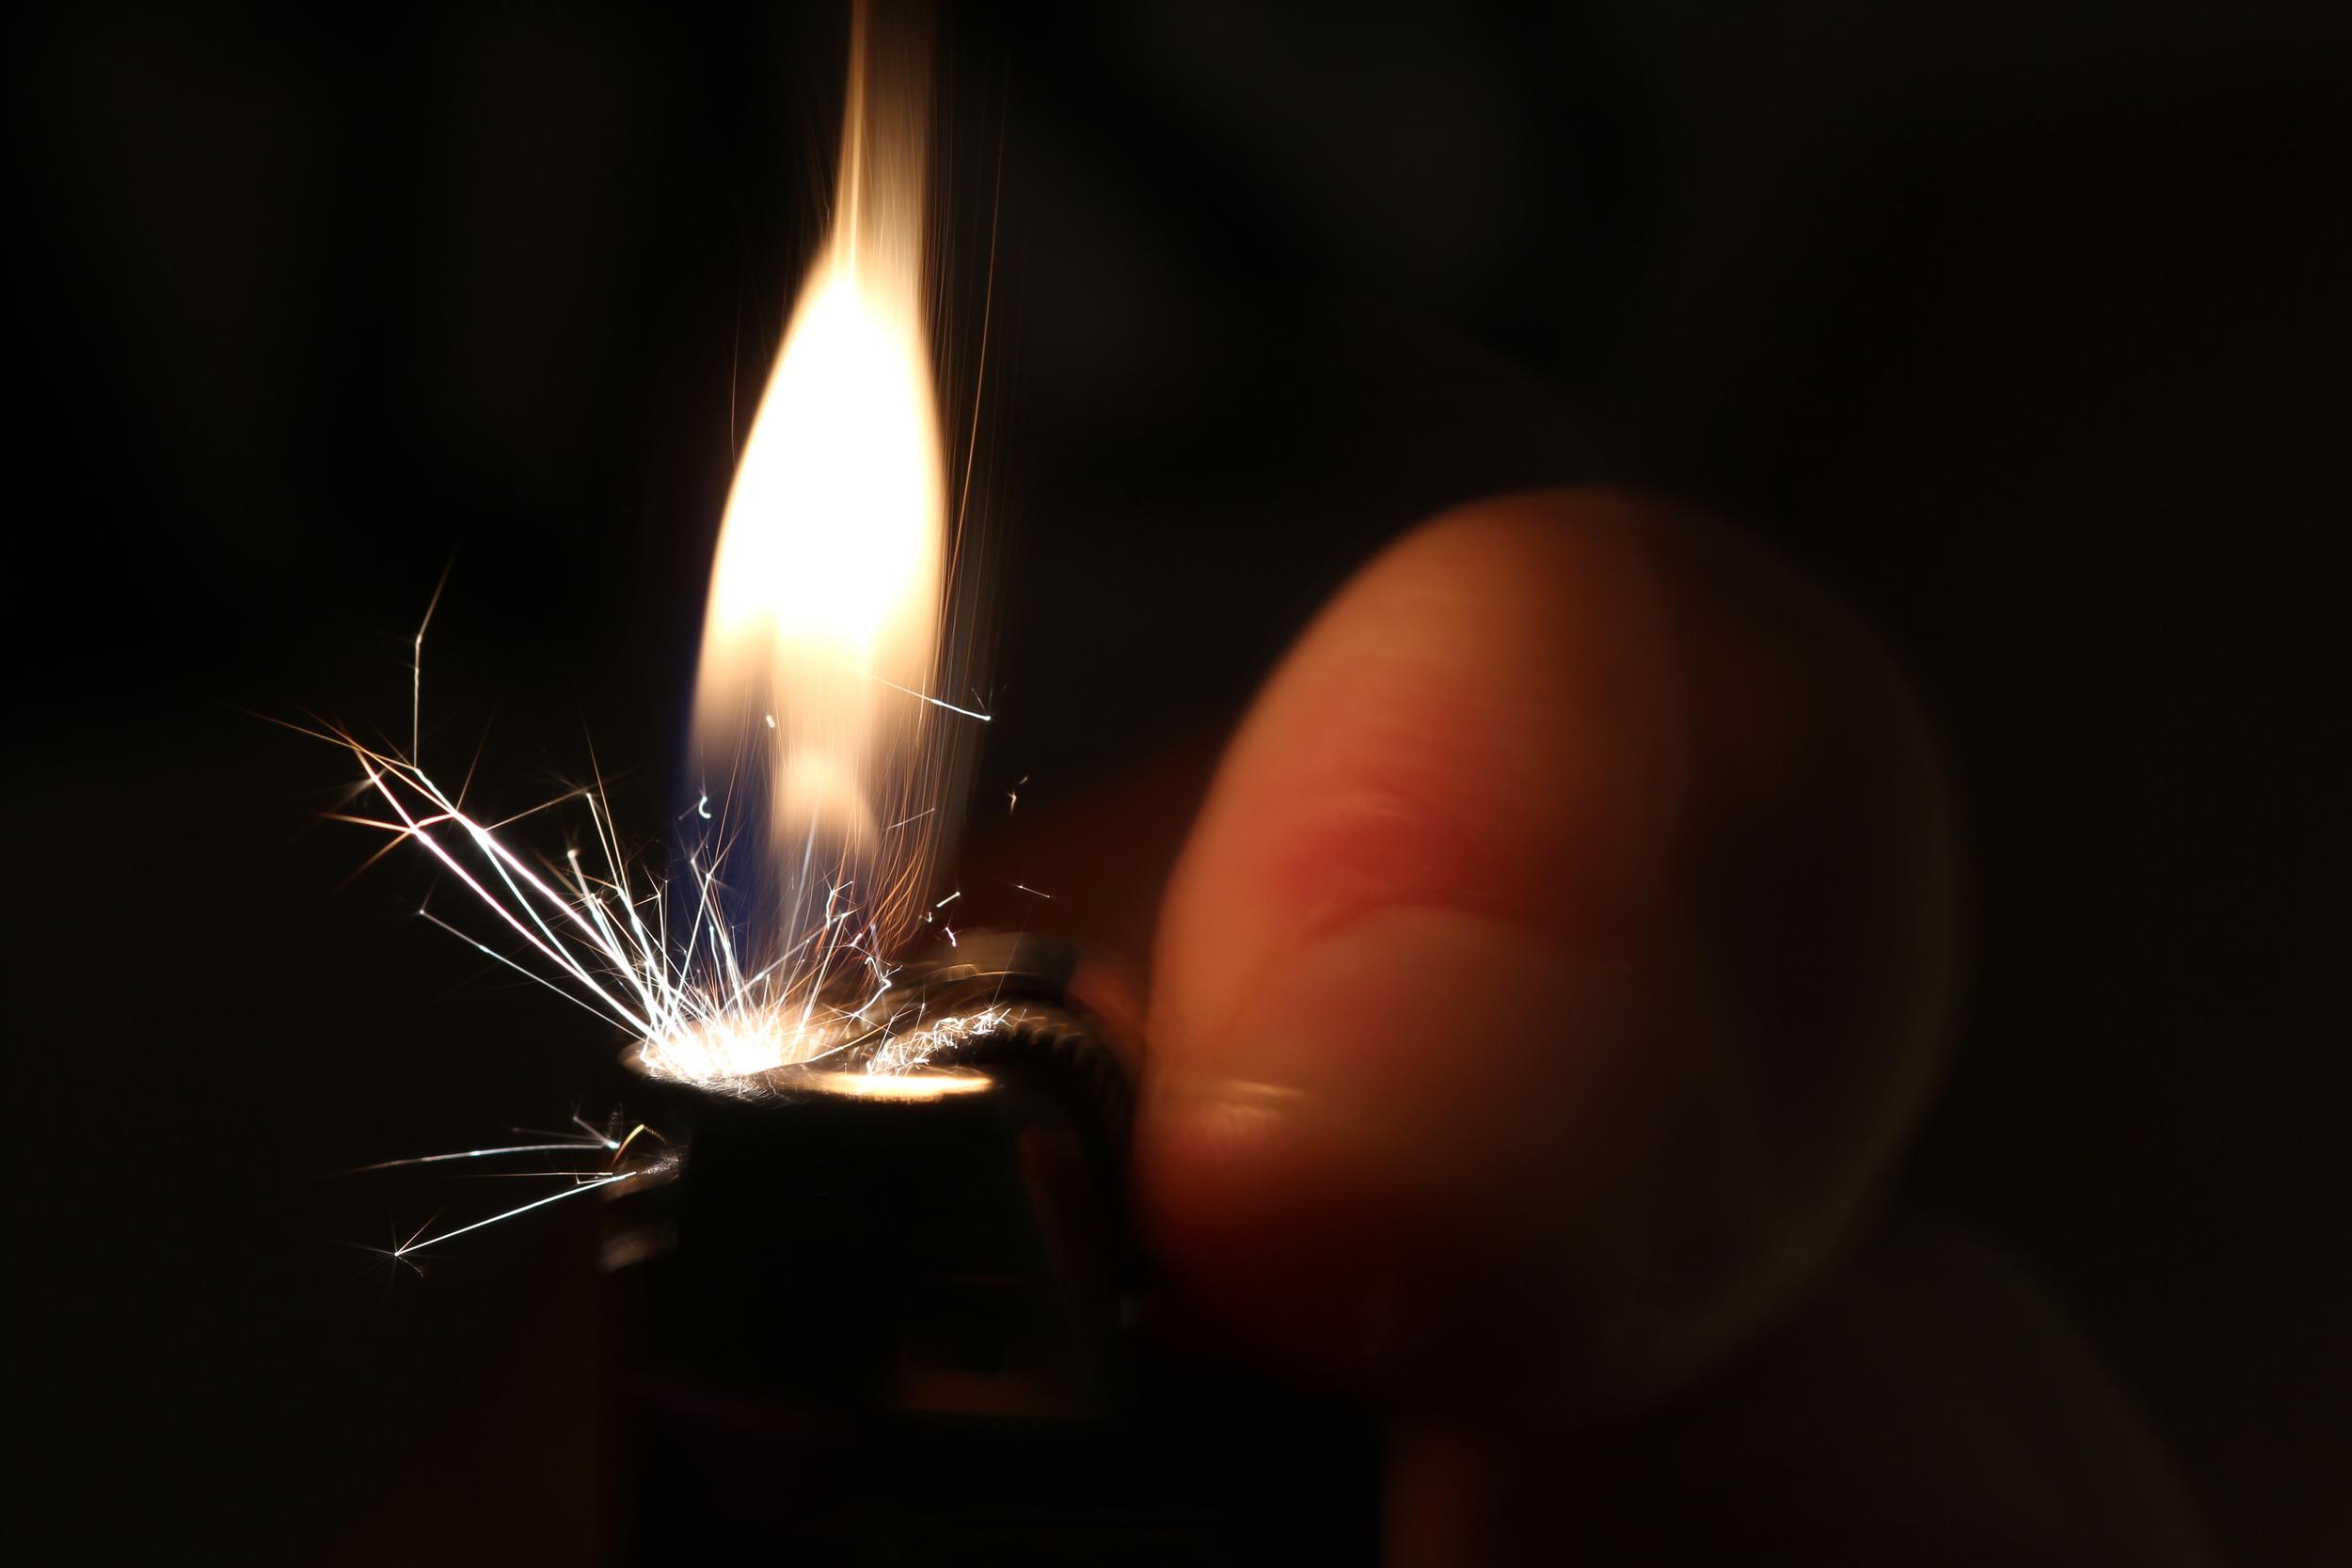 Lighter Spark Lit